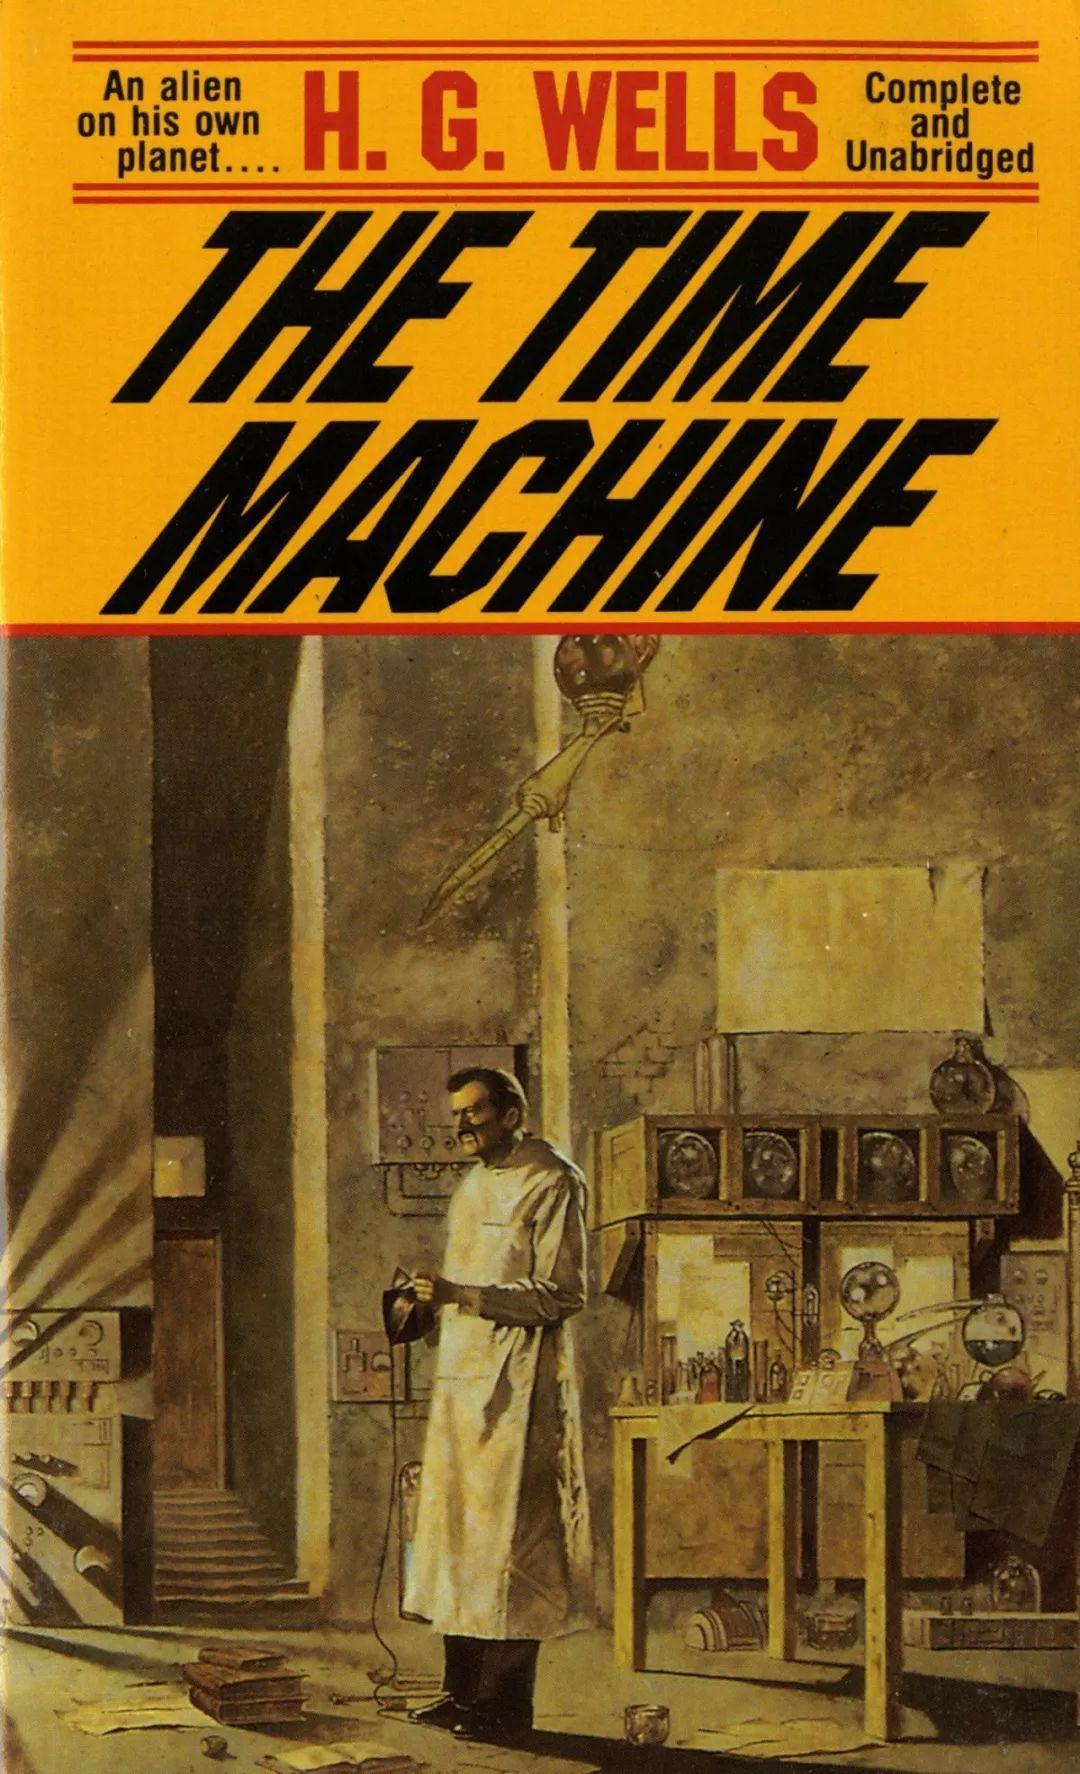 不确定的未来:科幻作家威尔斯的忧虑